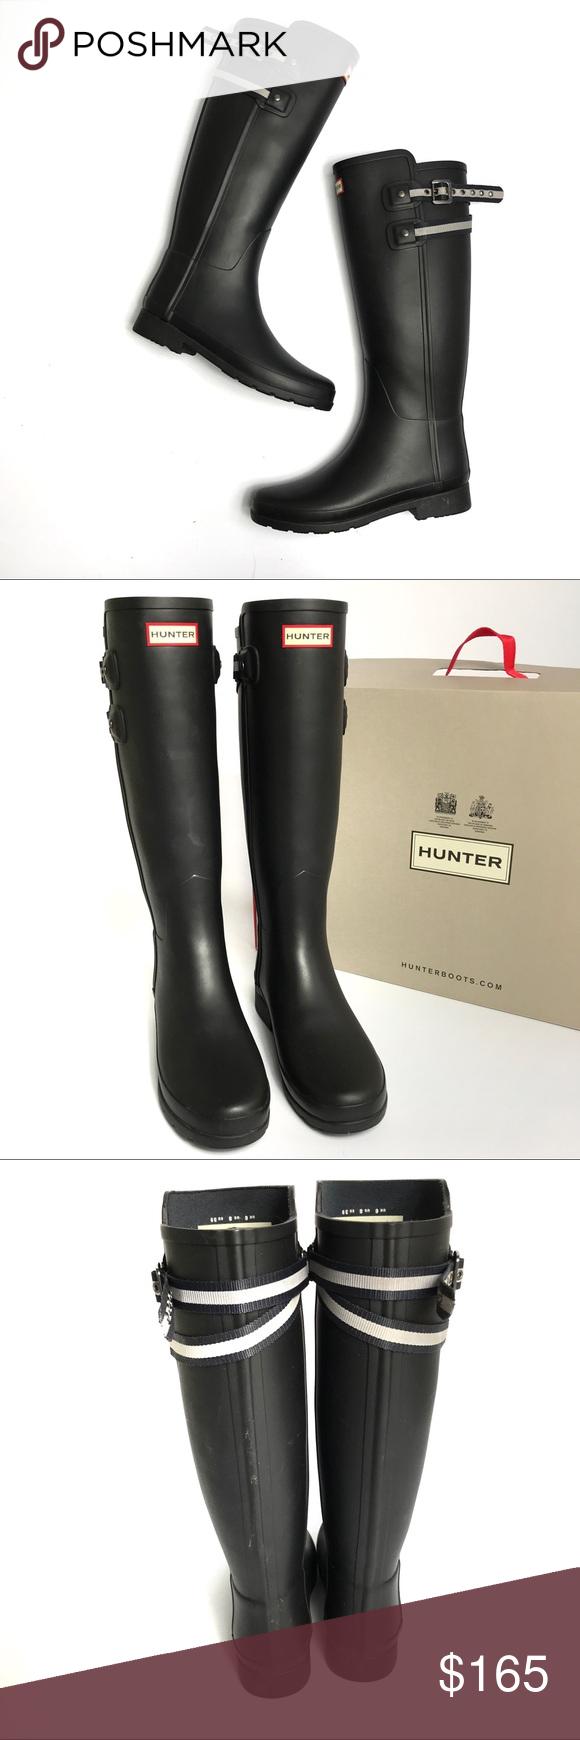 41f20cbf3f2f Hunter Refined Black Matte Webbing Strap Rain Boot Excellent condition